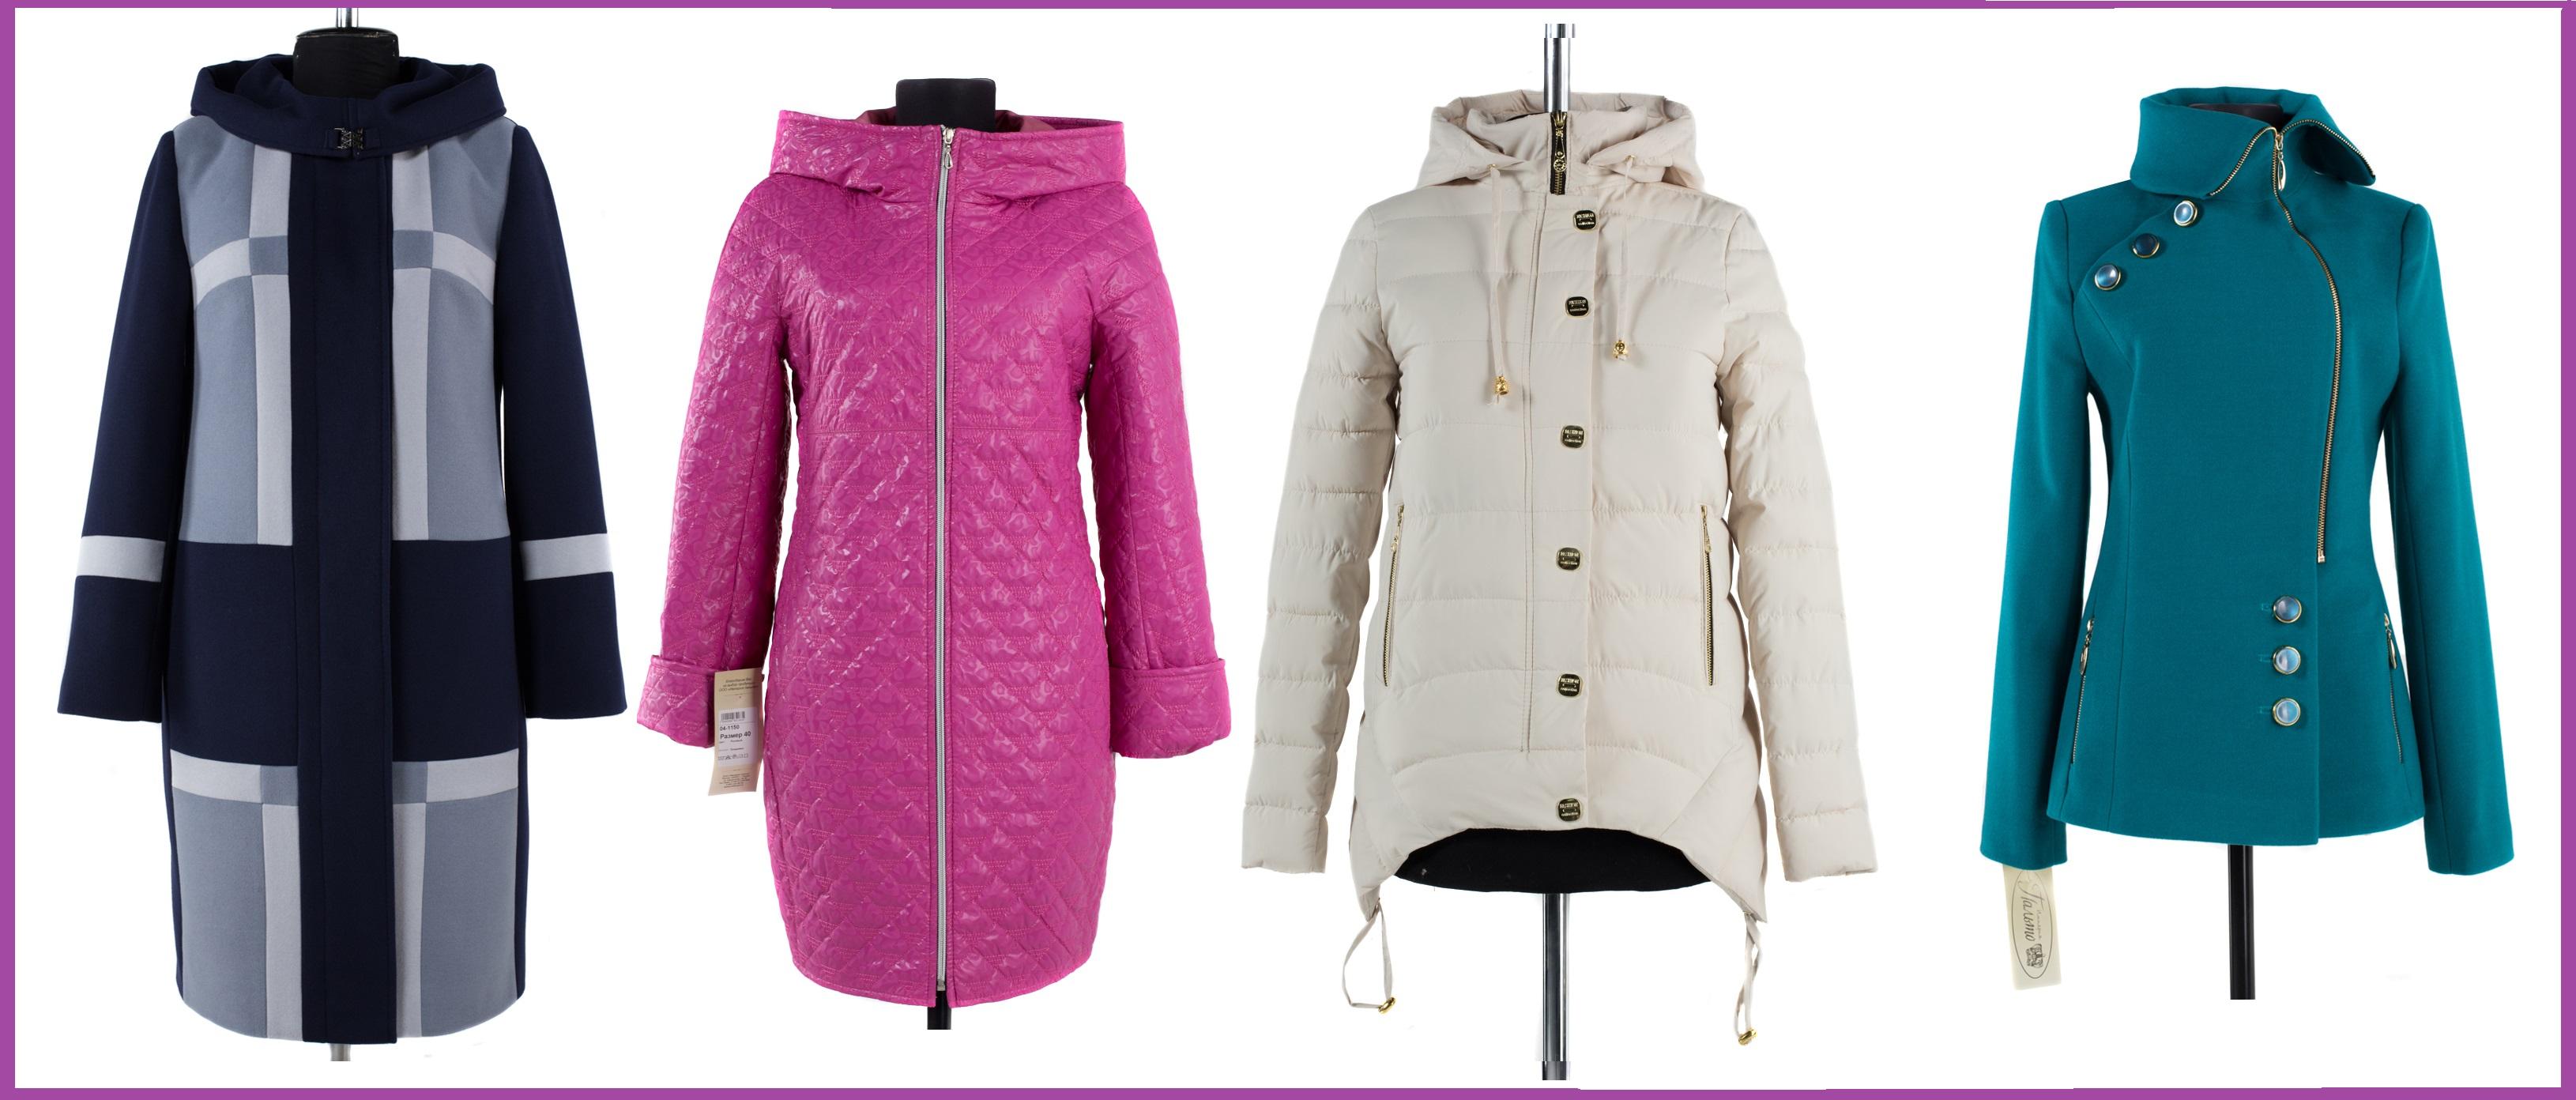 Женская верхняя одежда! Пальто, куртки, пуховики, ветровки, плащи от 40 до 66 размера. Без рядов! Гарантия по цвету. В